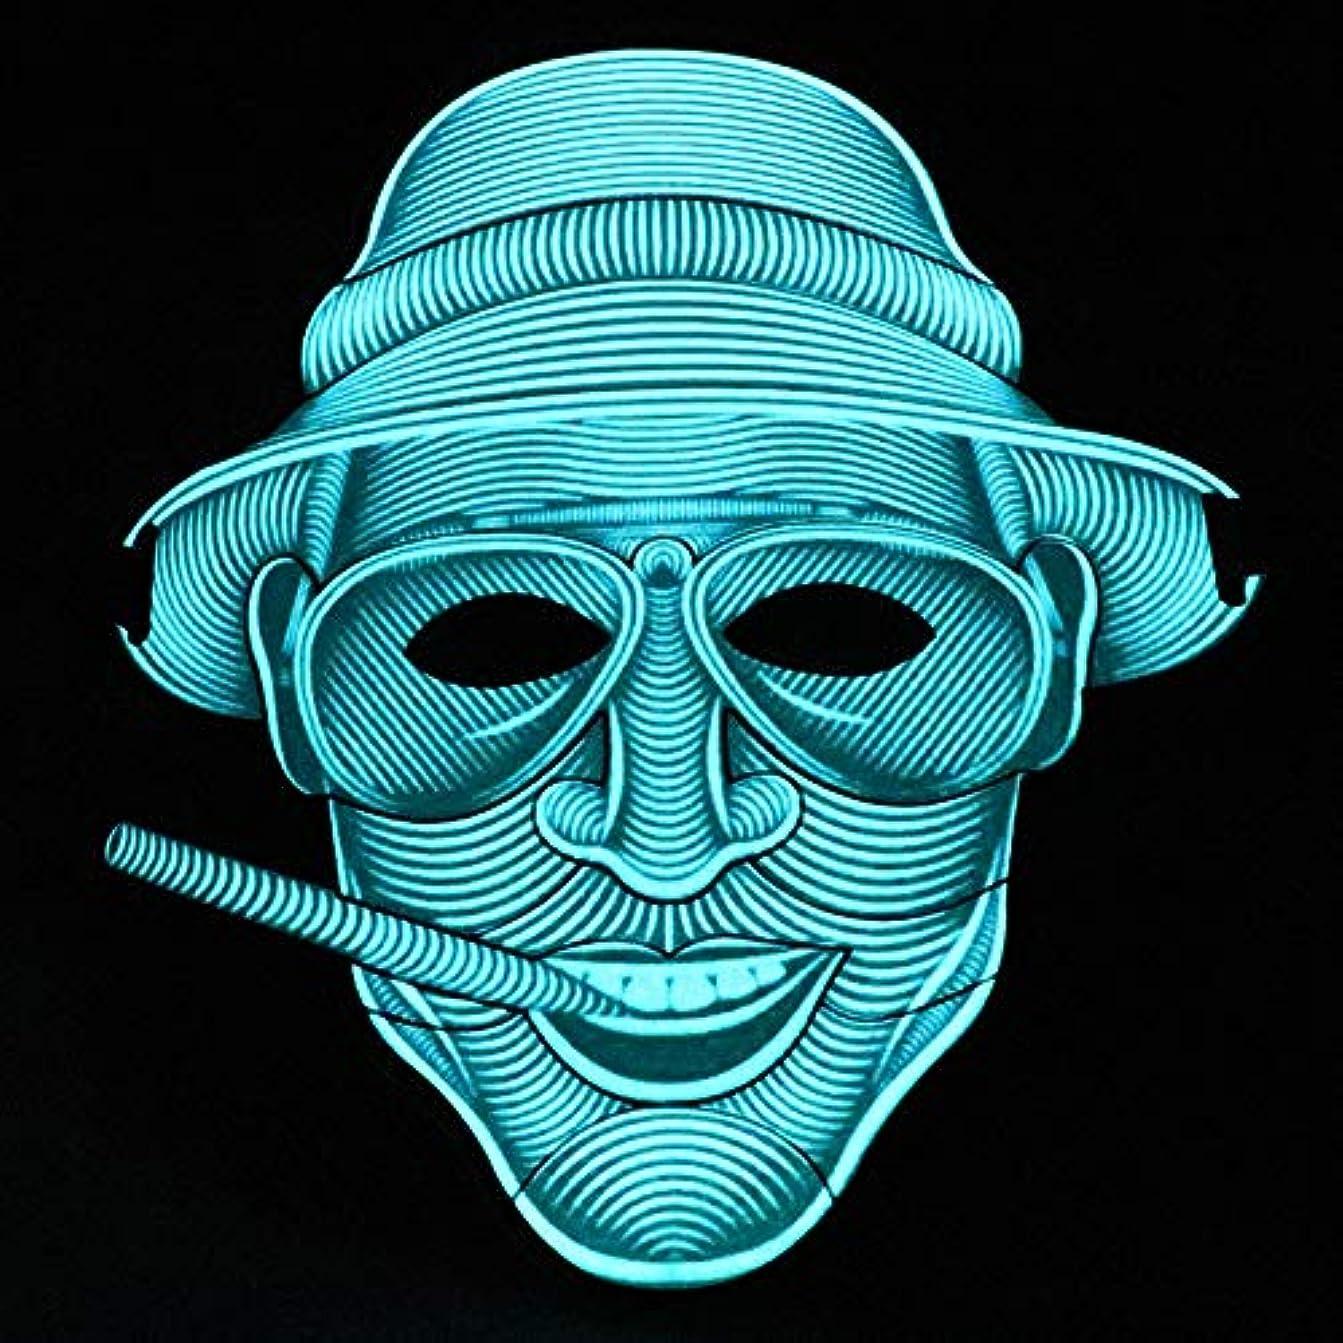 童謡スラダム鷲照らされたマスクLED創造的な冷光音響制御マスクハロウィンバーフェスティバルダンスマスク (Color : #12)